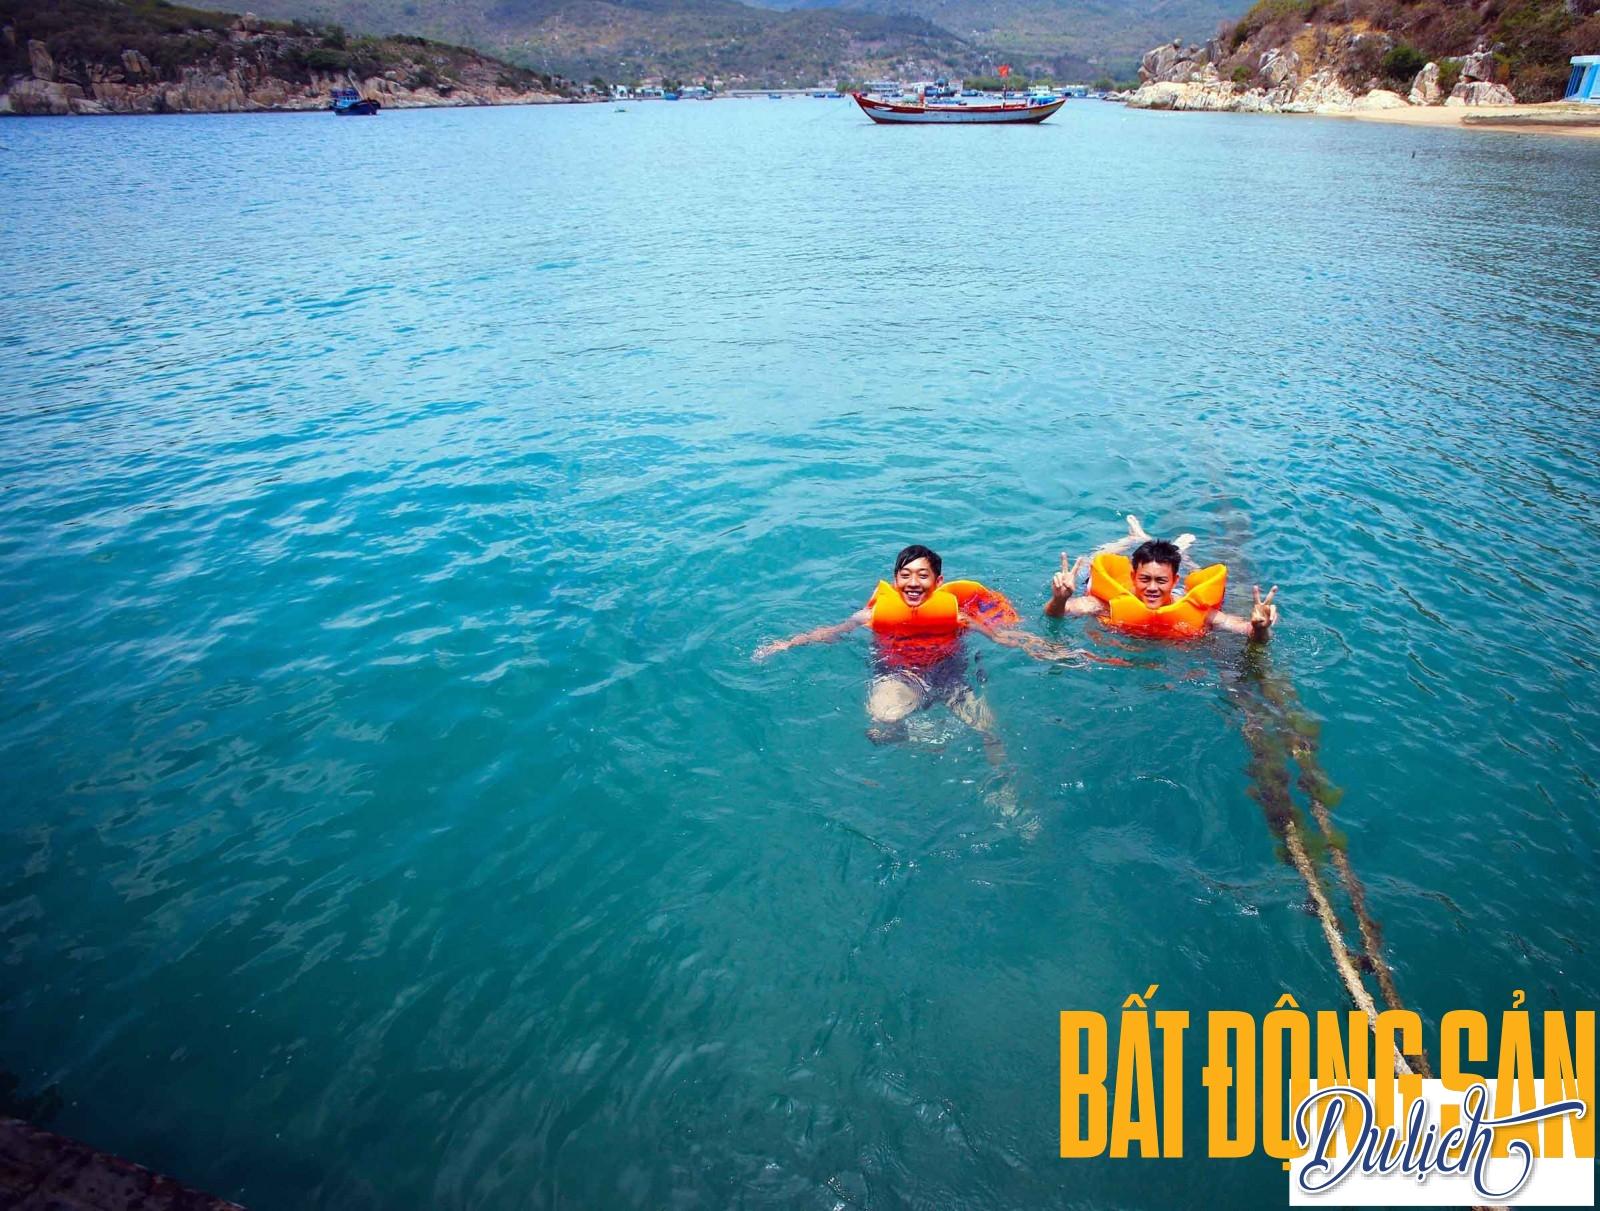 … vào buổi trưa nhiều nắng và gió, du khách của Amanoi Resort đùa vui cùng những con sóng trên những chiếc thuyền buồm nhỏ.